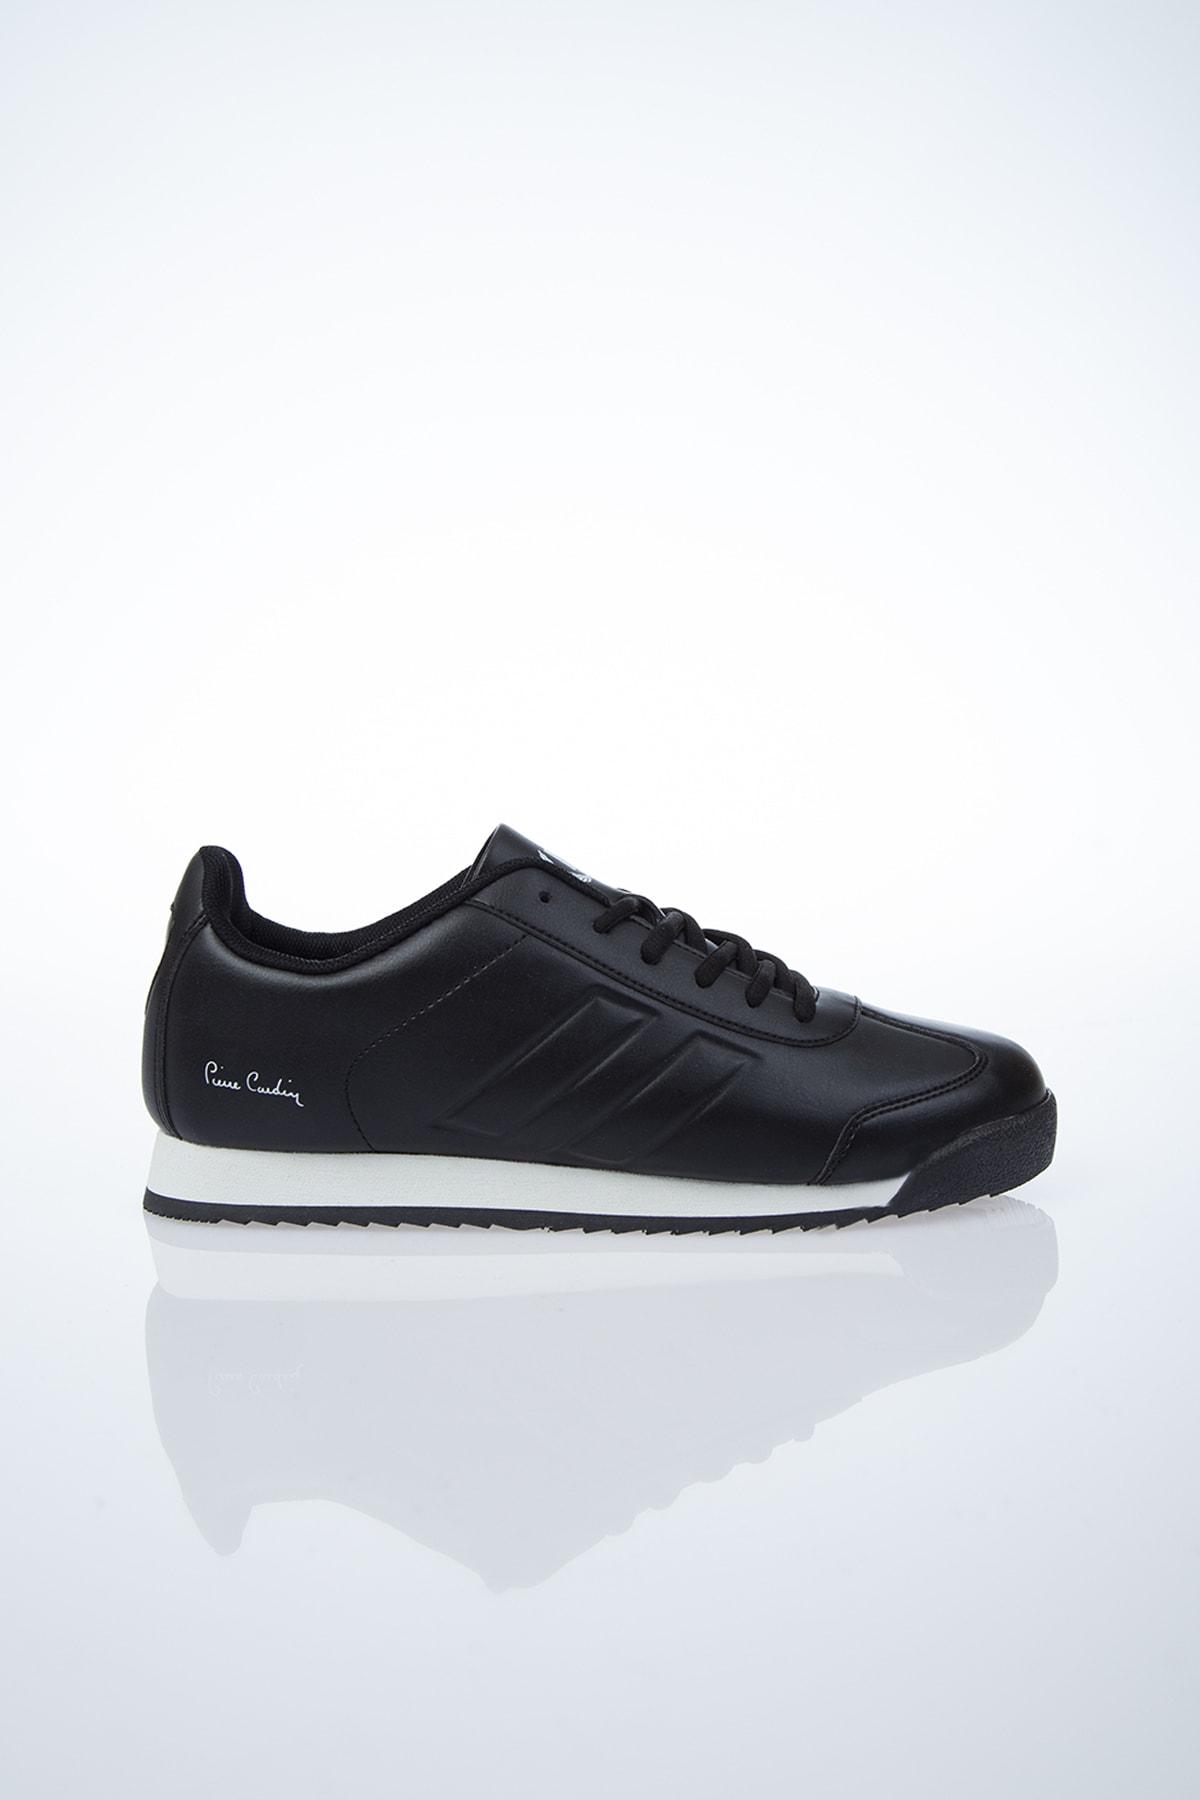 PC-30484 Siyah-Beyaz Erkek Spor Ayakkabı